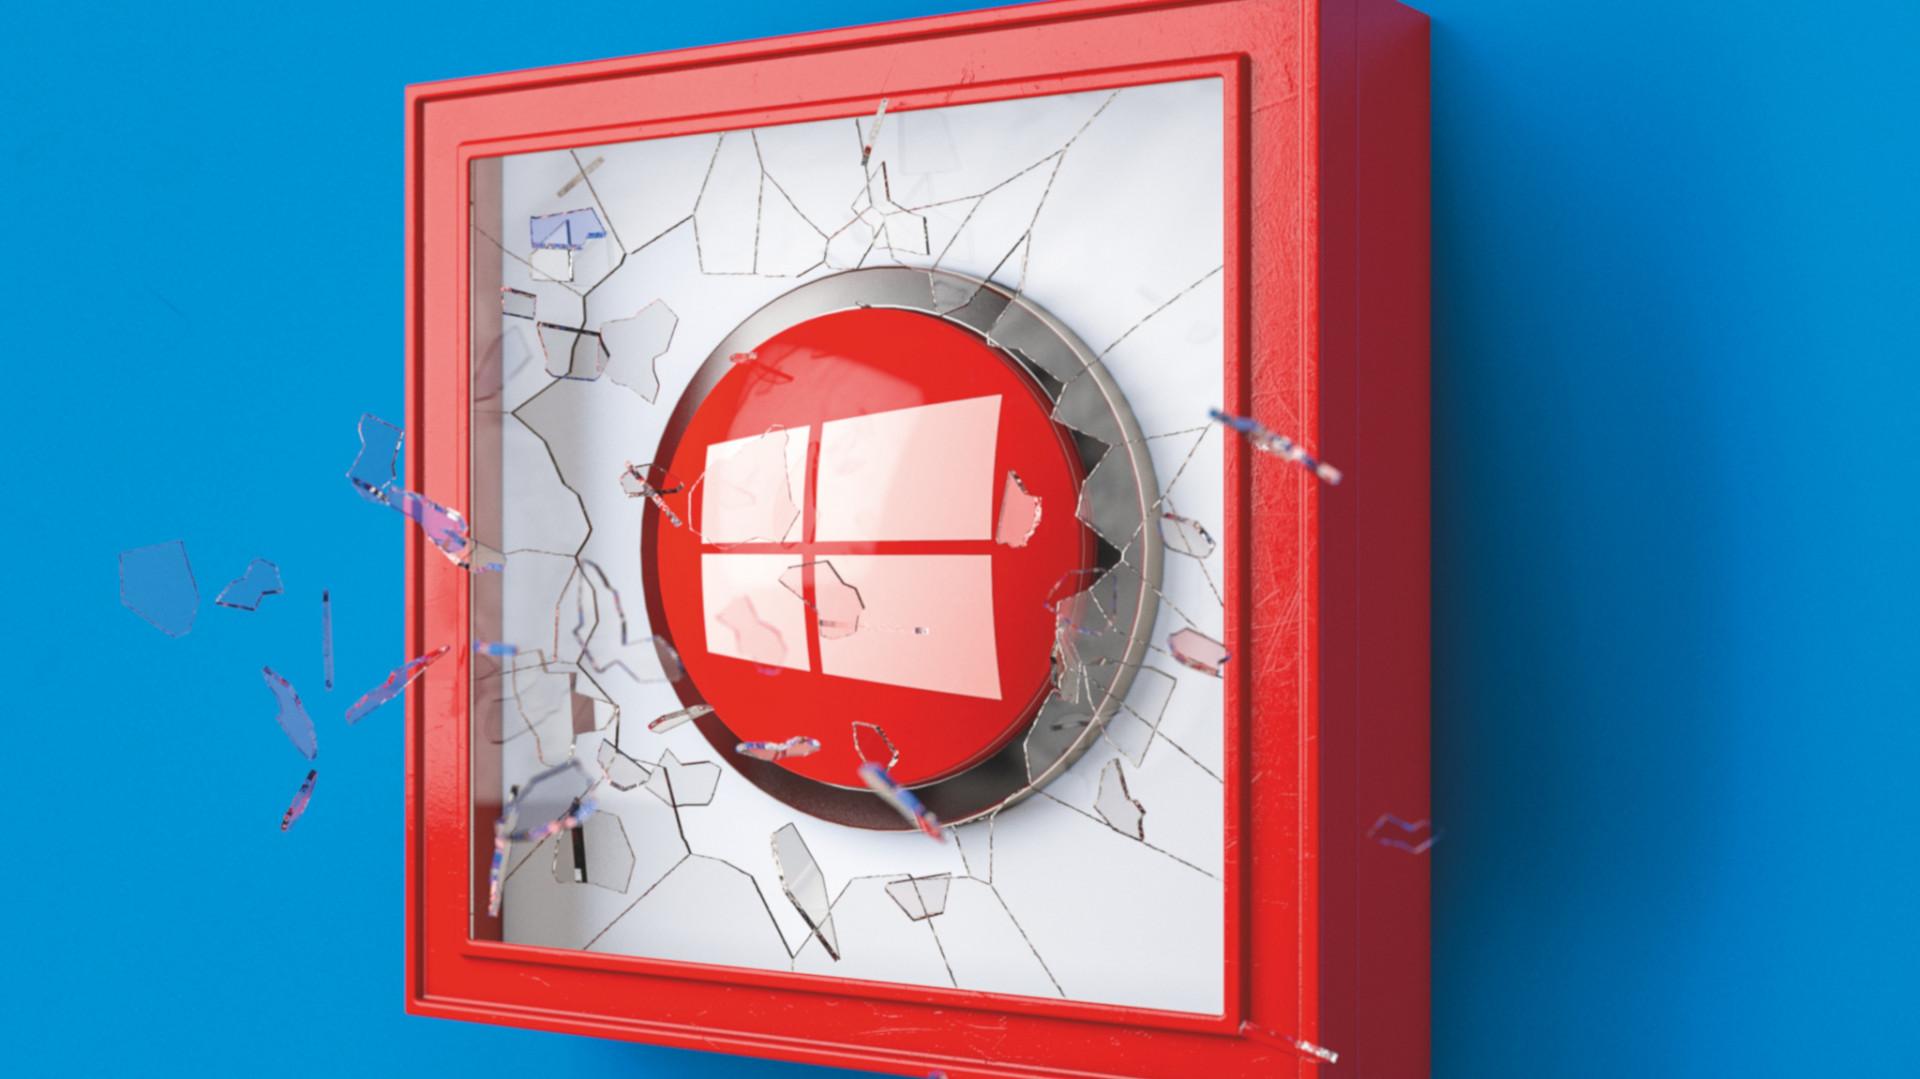 im handumdrehen ein notfallsystem auf windows-basis bauen | c't magazin